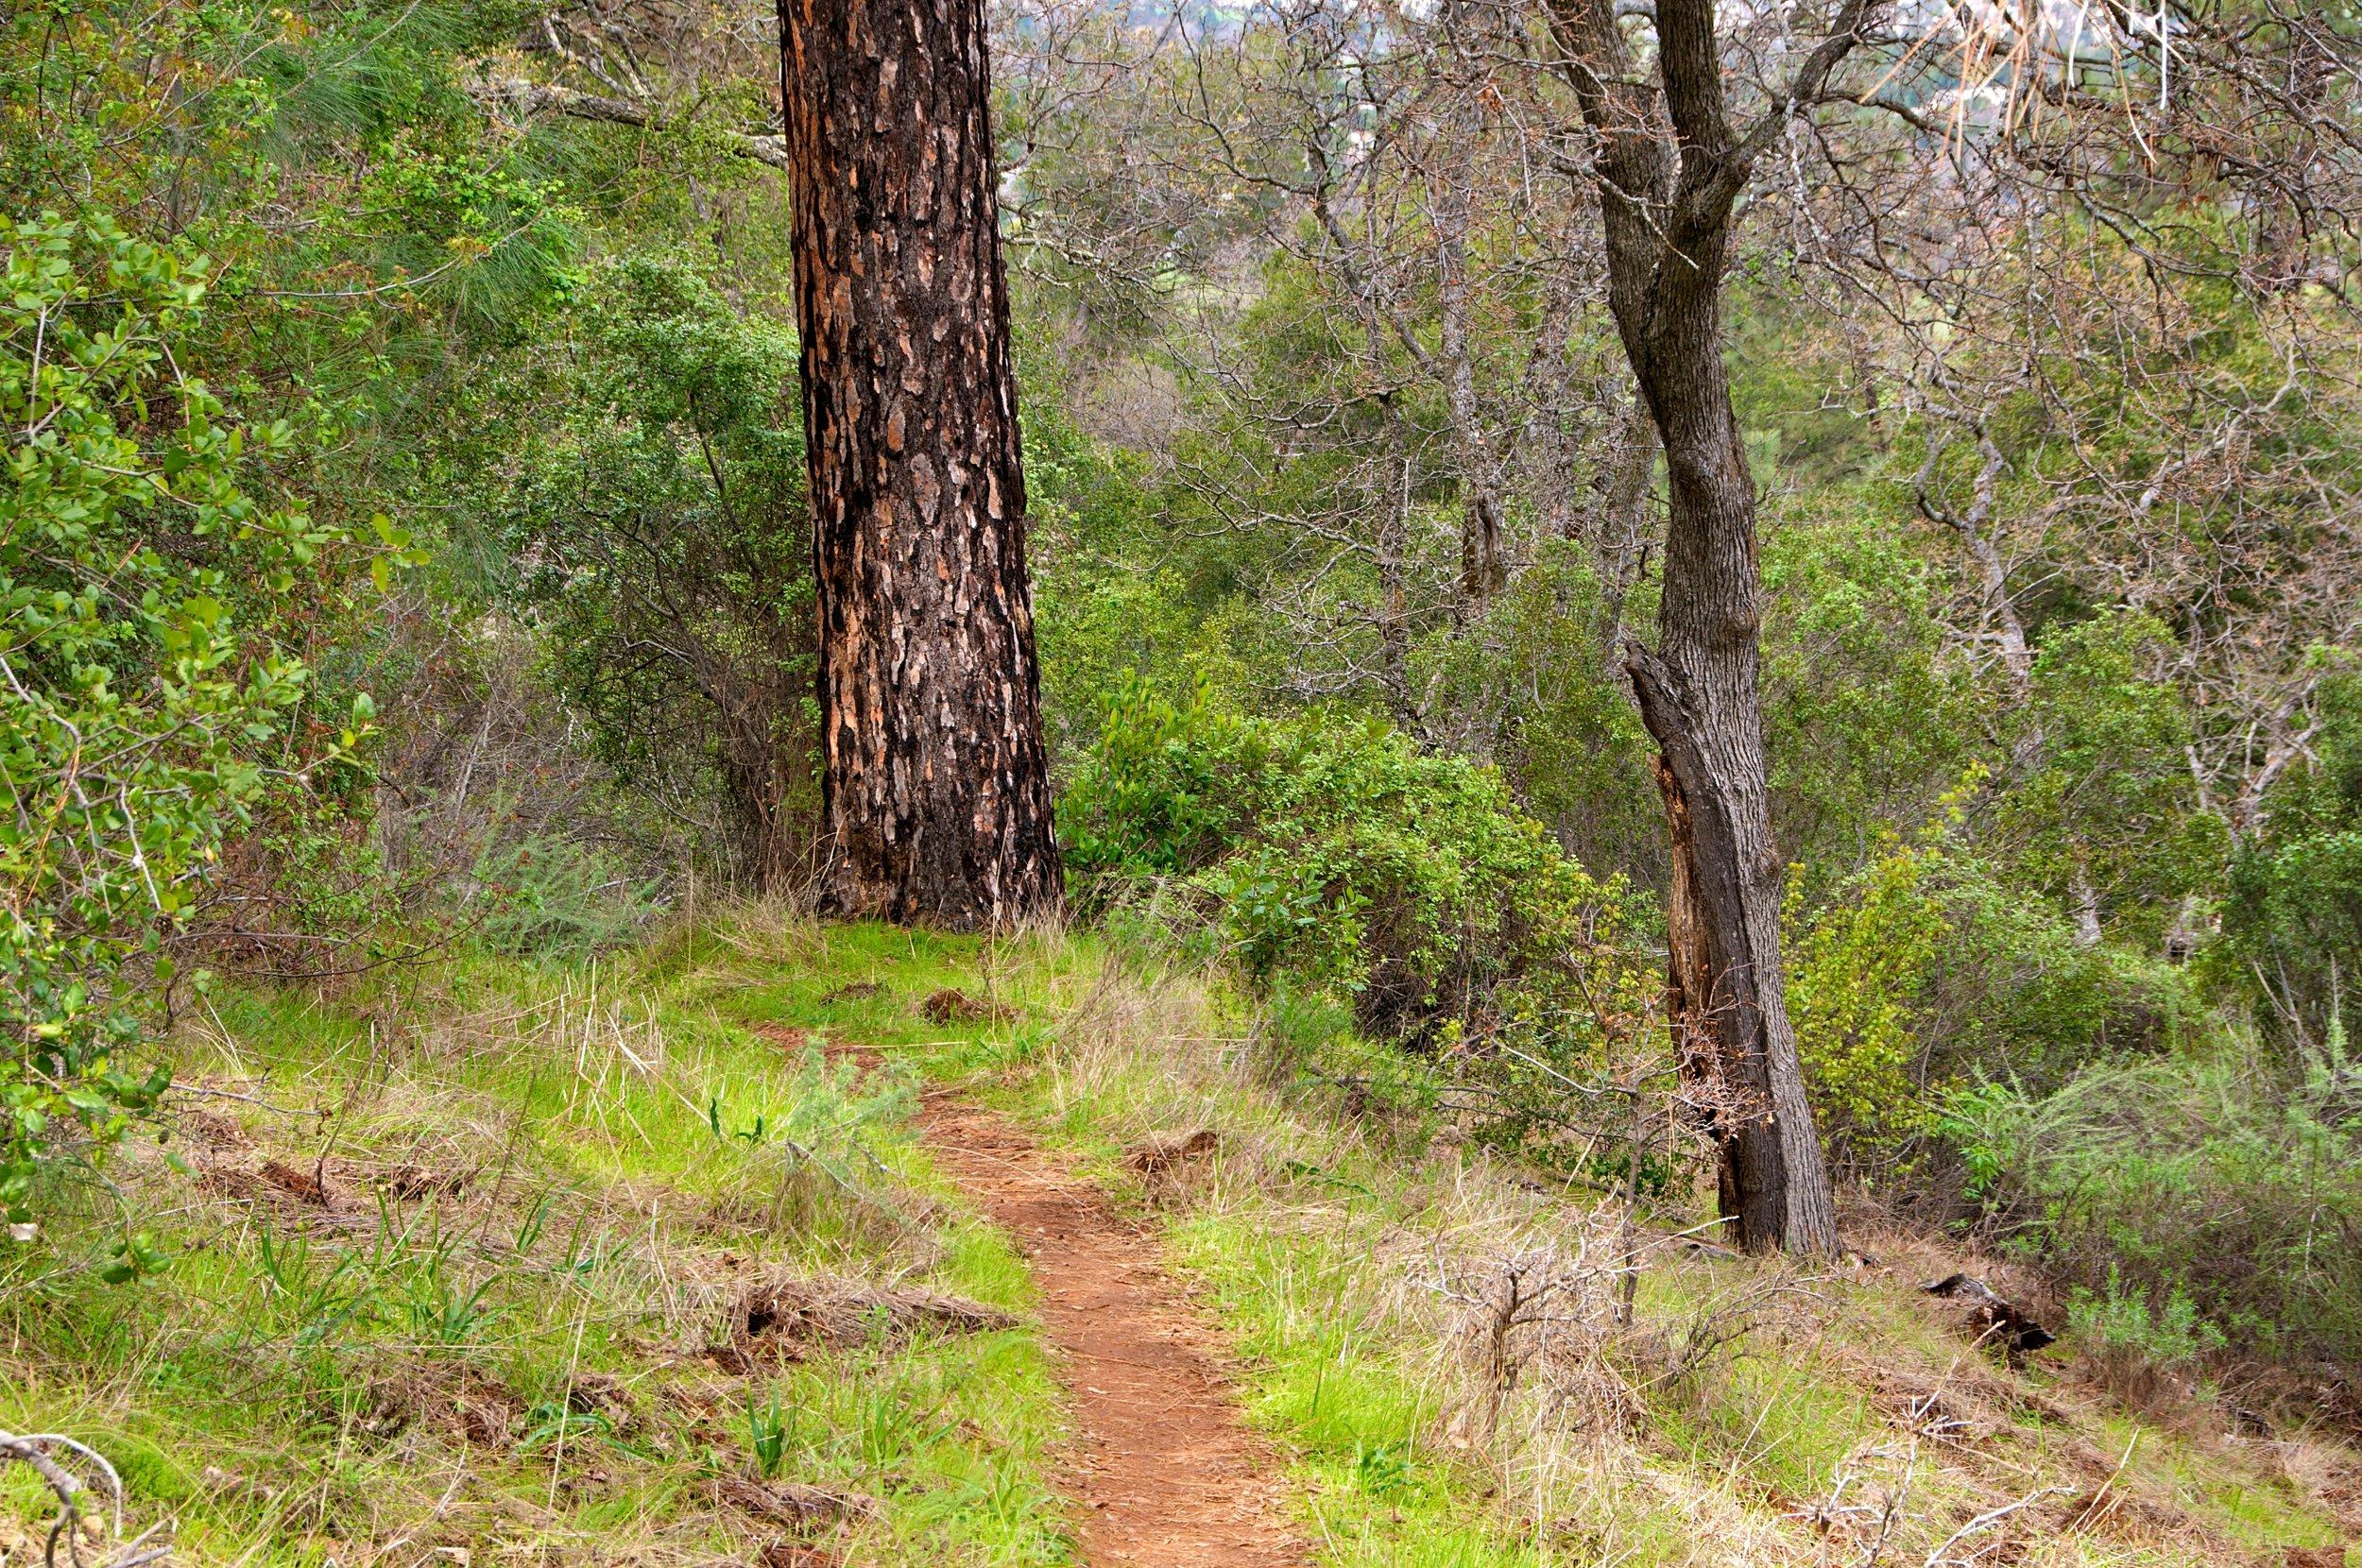 Mt. Diablo Hike 2_12_2011 - 2011-02-21 at 12-54-18.jpg